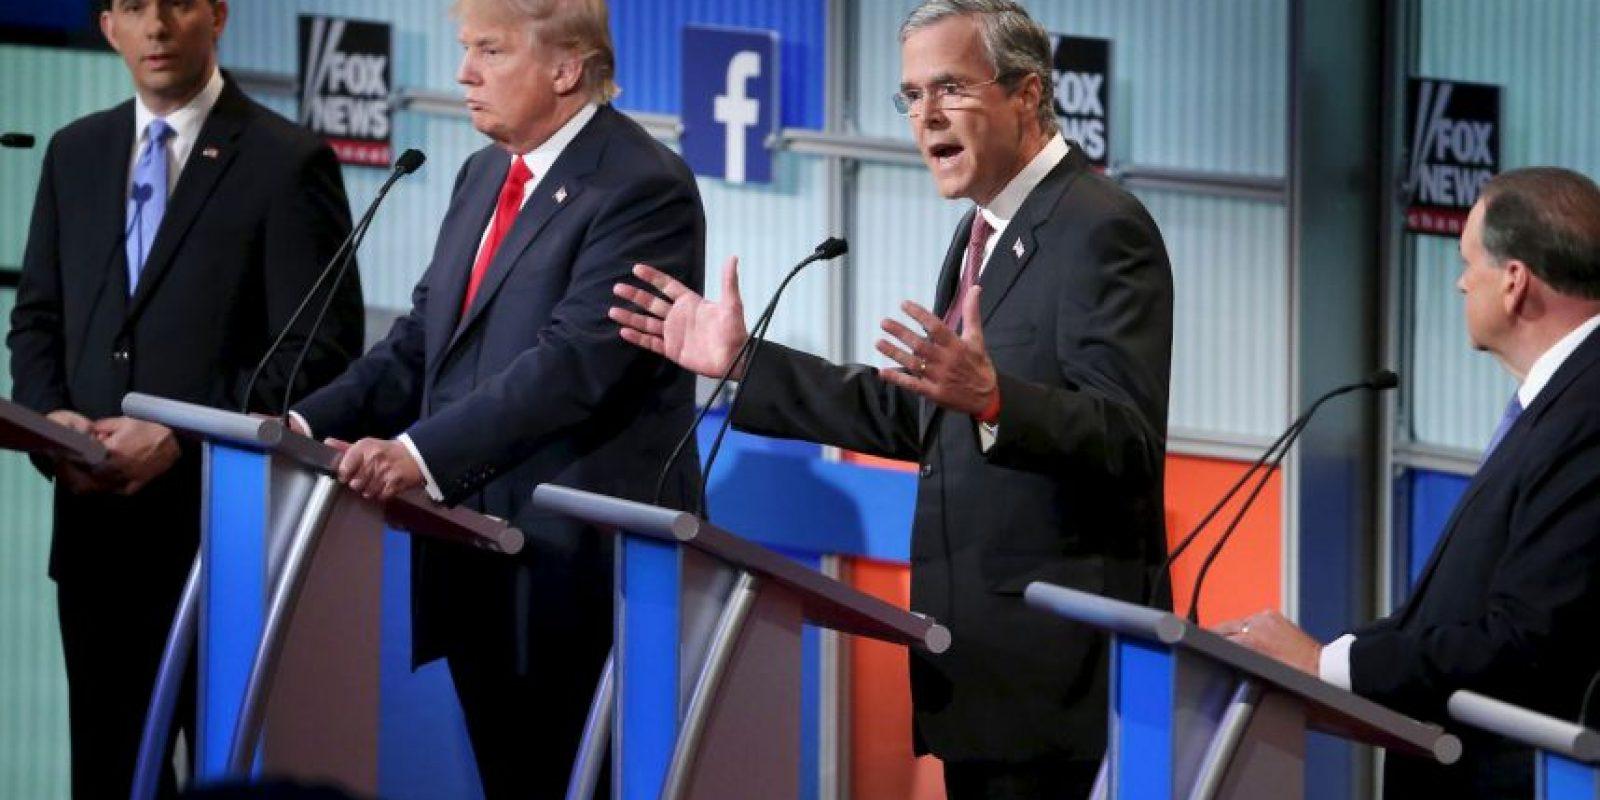 Jeb Bush, hermano del expresidente George Bush, dejó de estar entre los cinco primeros puestos, cuando la semana pasada ocupaba el segundo lugar, informó NBC News. Foto:Getty Images